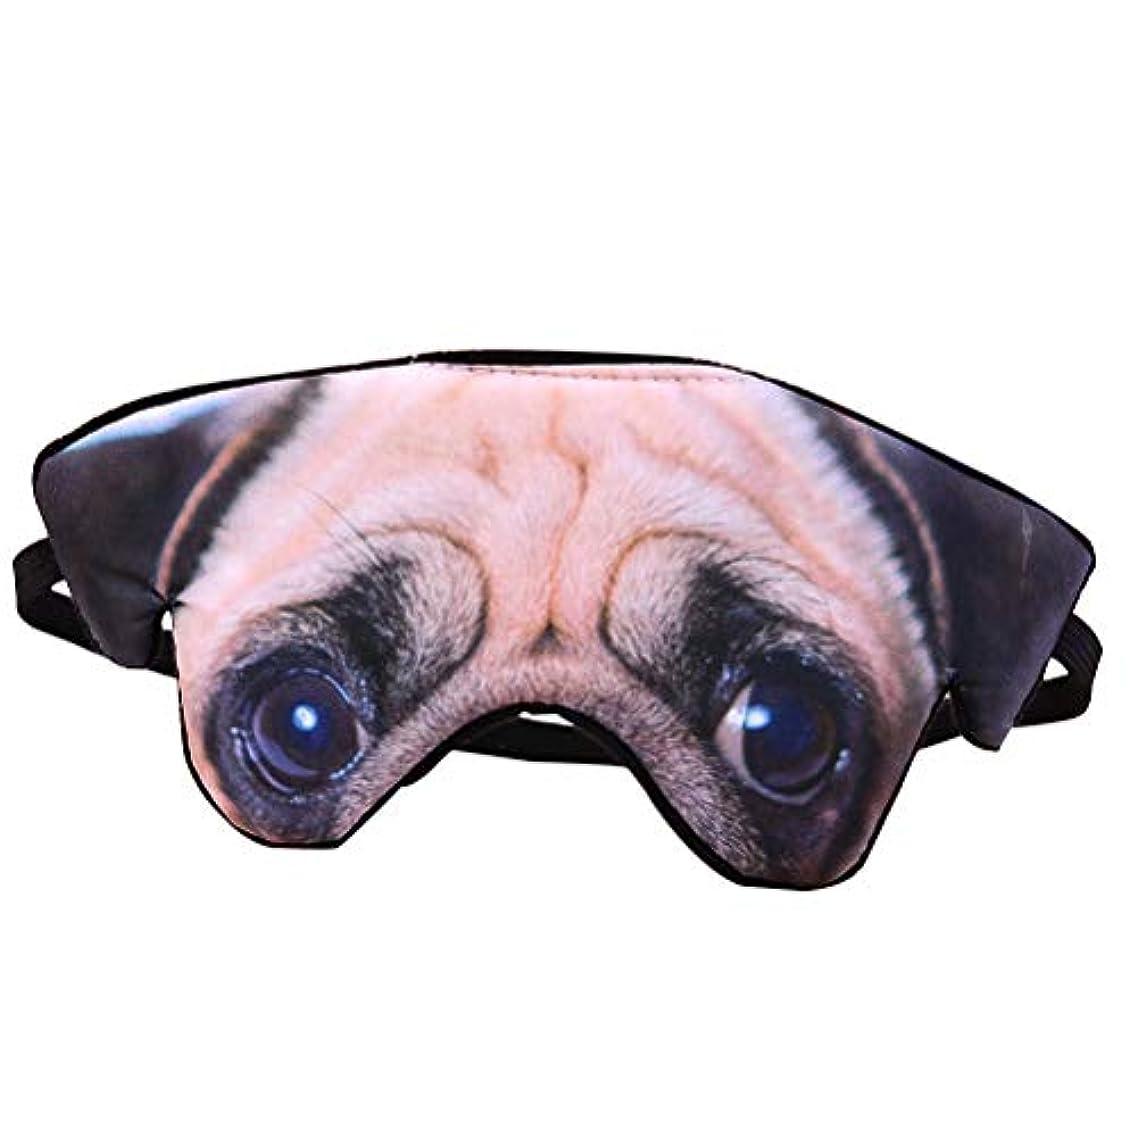 ひどく気怠い古代HEALIFTY 睡眠目隠し3D犬のパターンアイマスクファニーシェードナップカバー目隠し睡眠マスク目の眠りゴーグル(Pug)